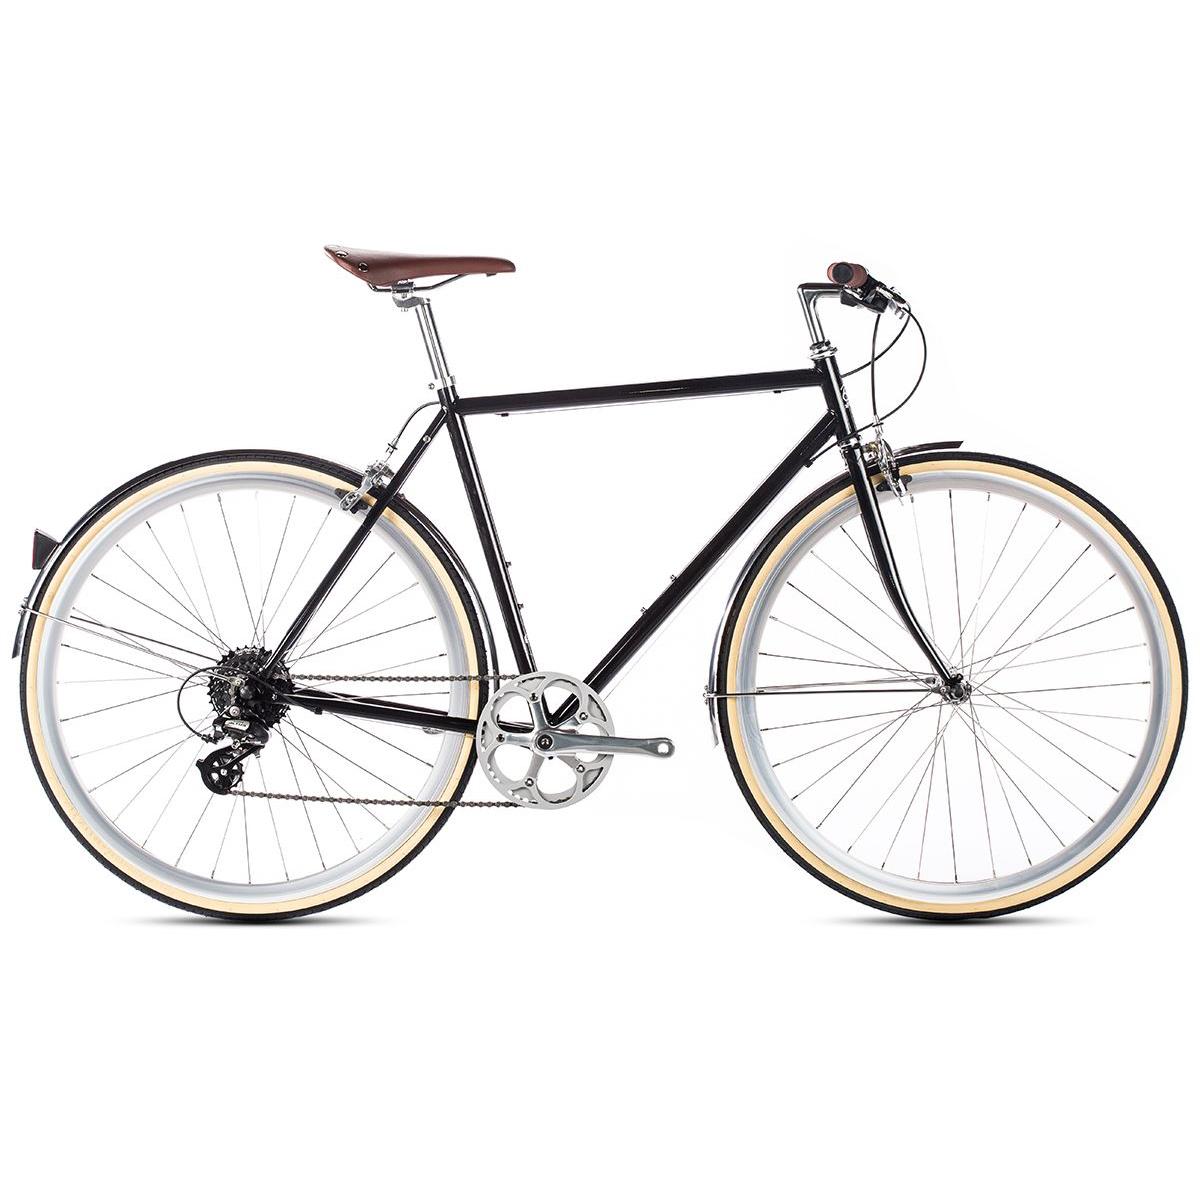 6ku delano city bike black online kaufen bmo bike mailorder. Black Bedroom Furniture Sets. Home Design Ideas